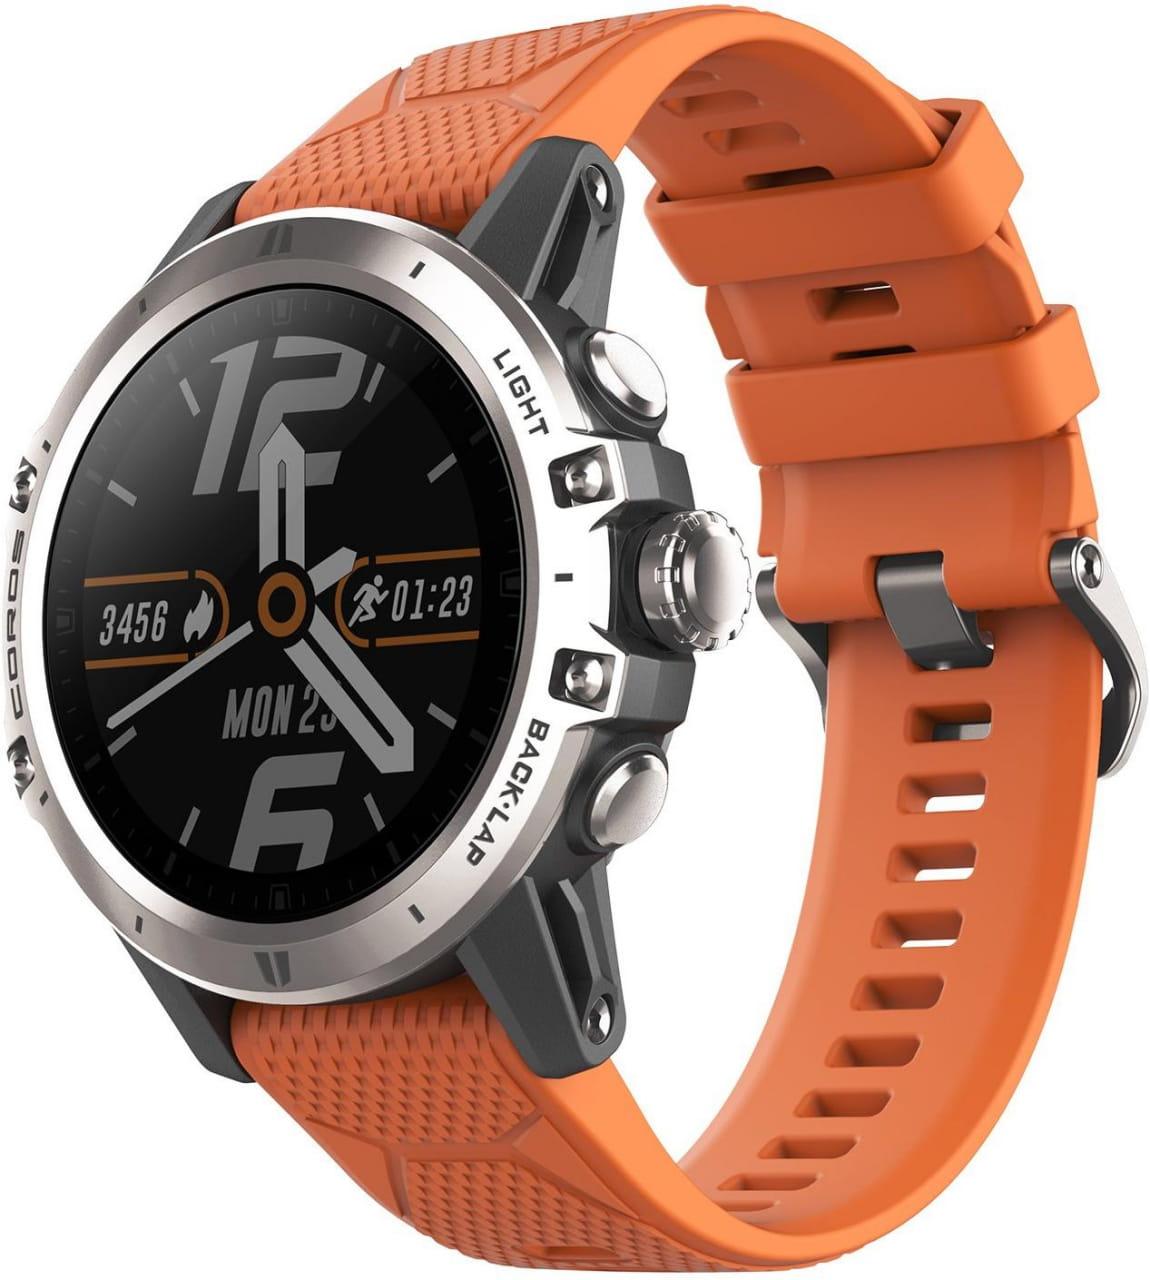 Sportovní hodinky Coros VERTIX GPS Adventure Watch